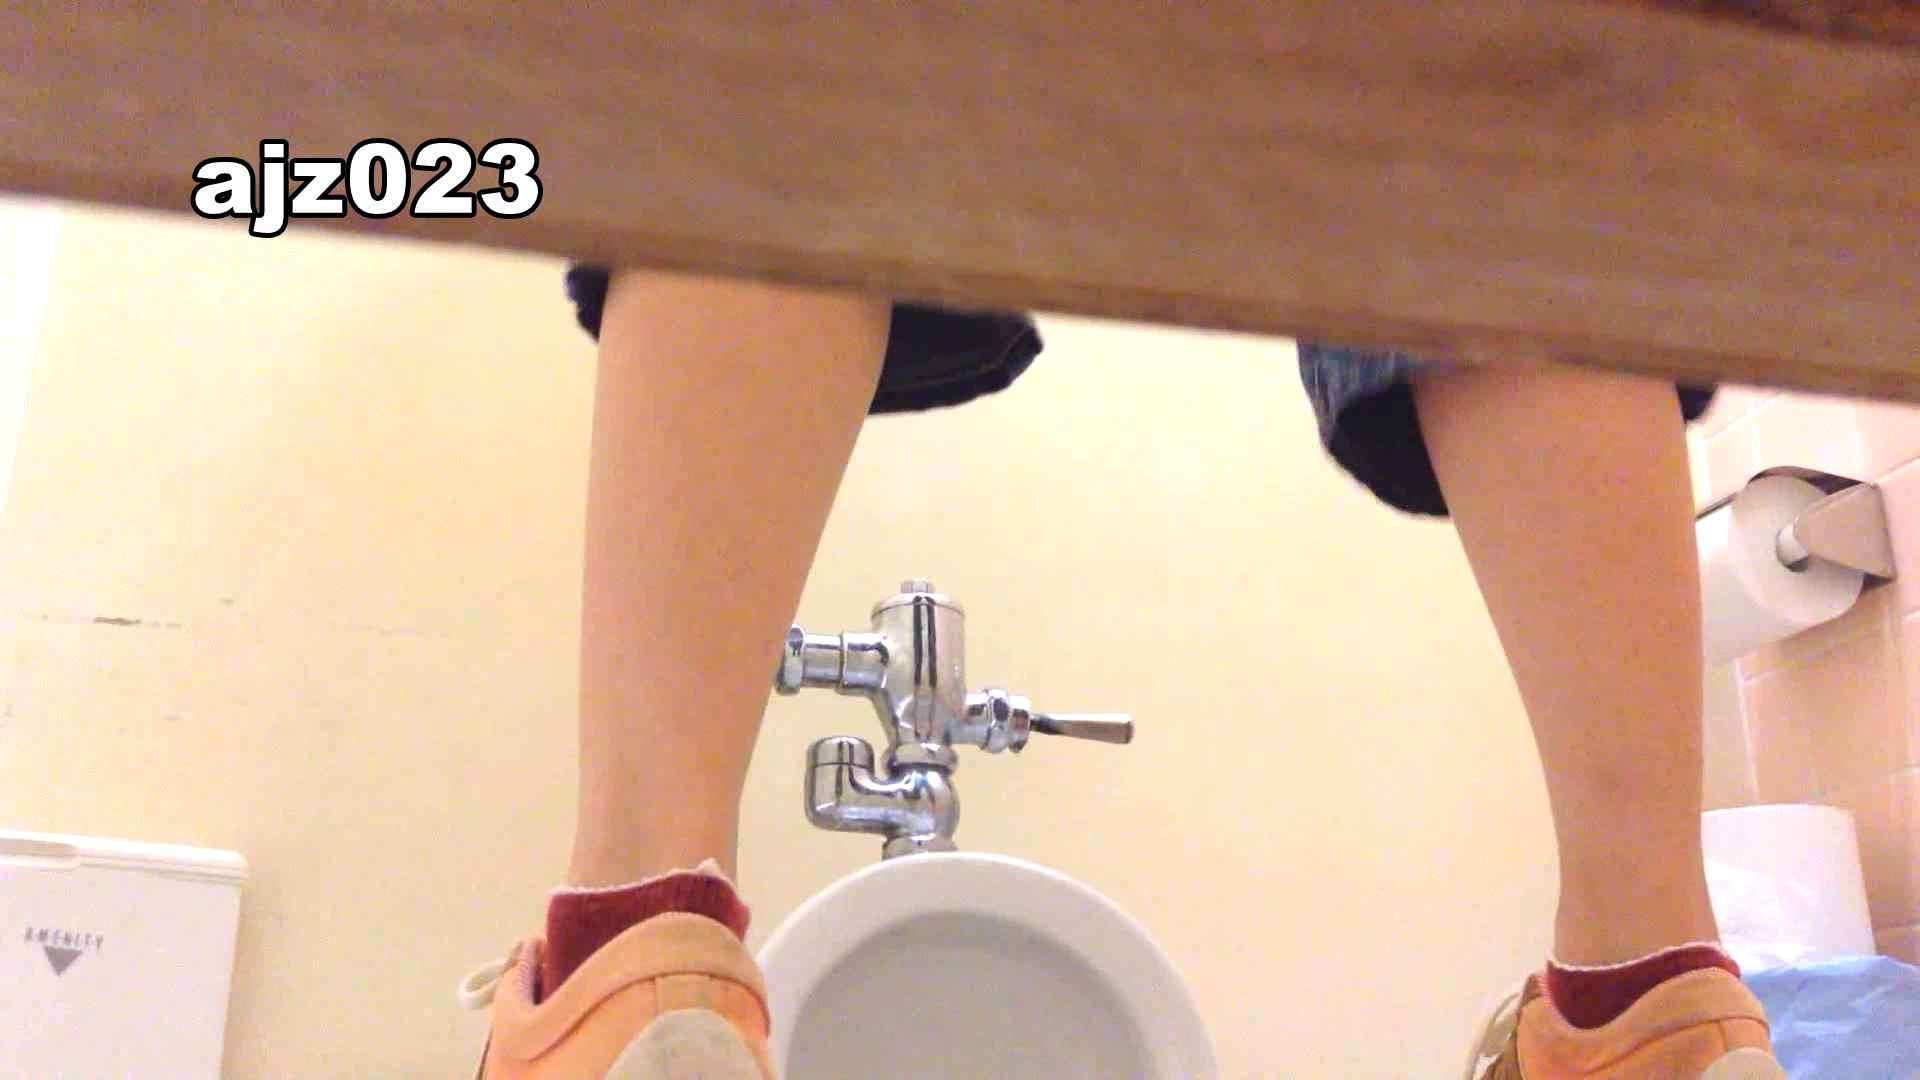 某有名大学女性洗面所 vol.23 排泄 スケベ動画紹介 64PIX 47